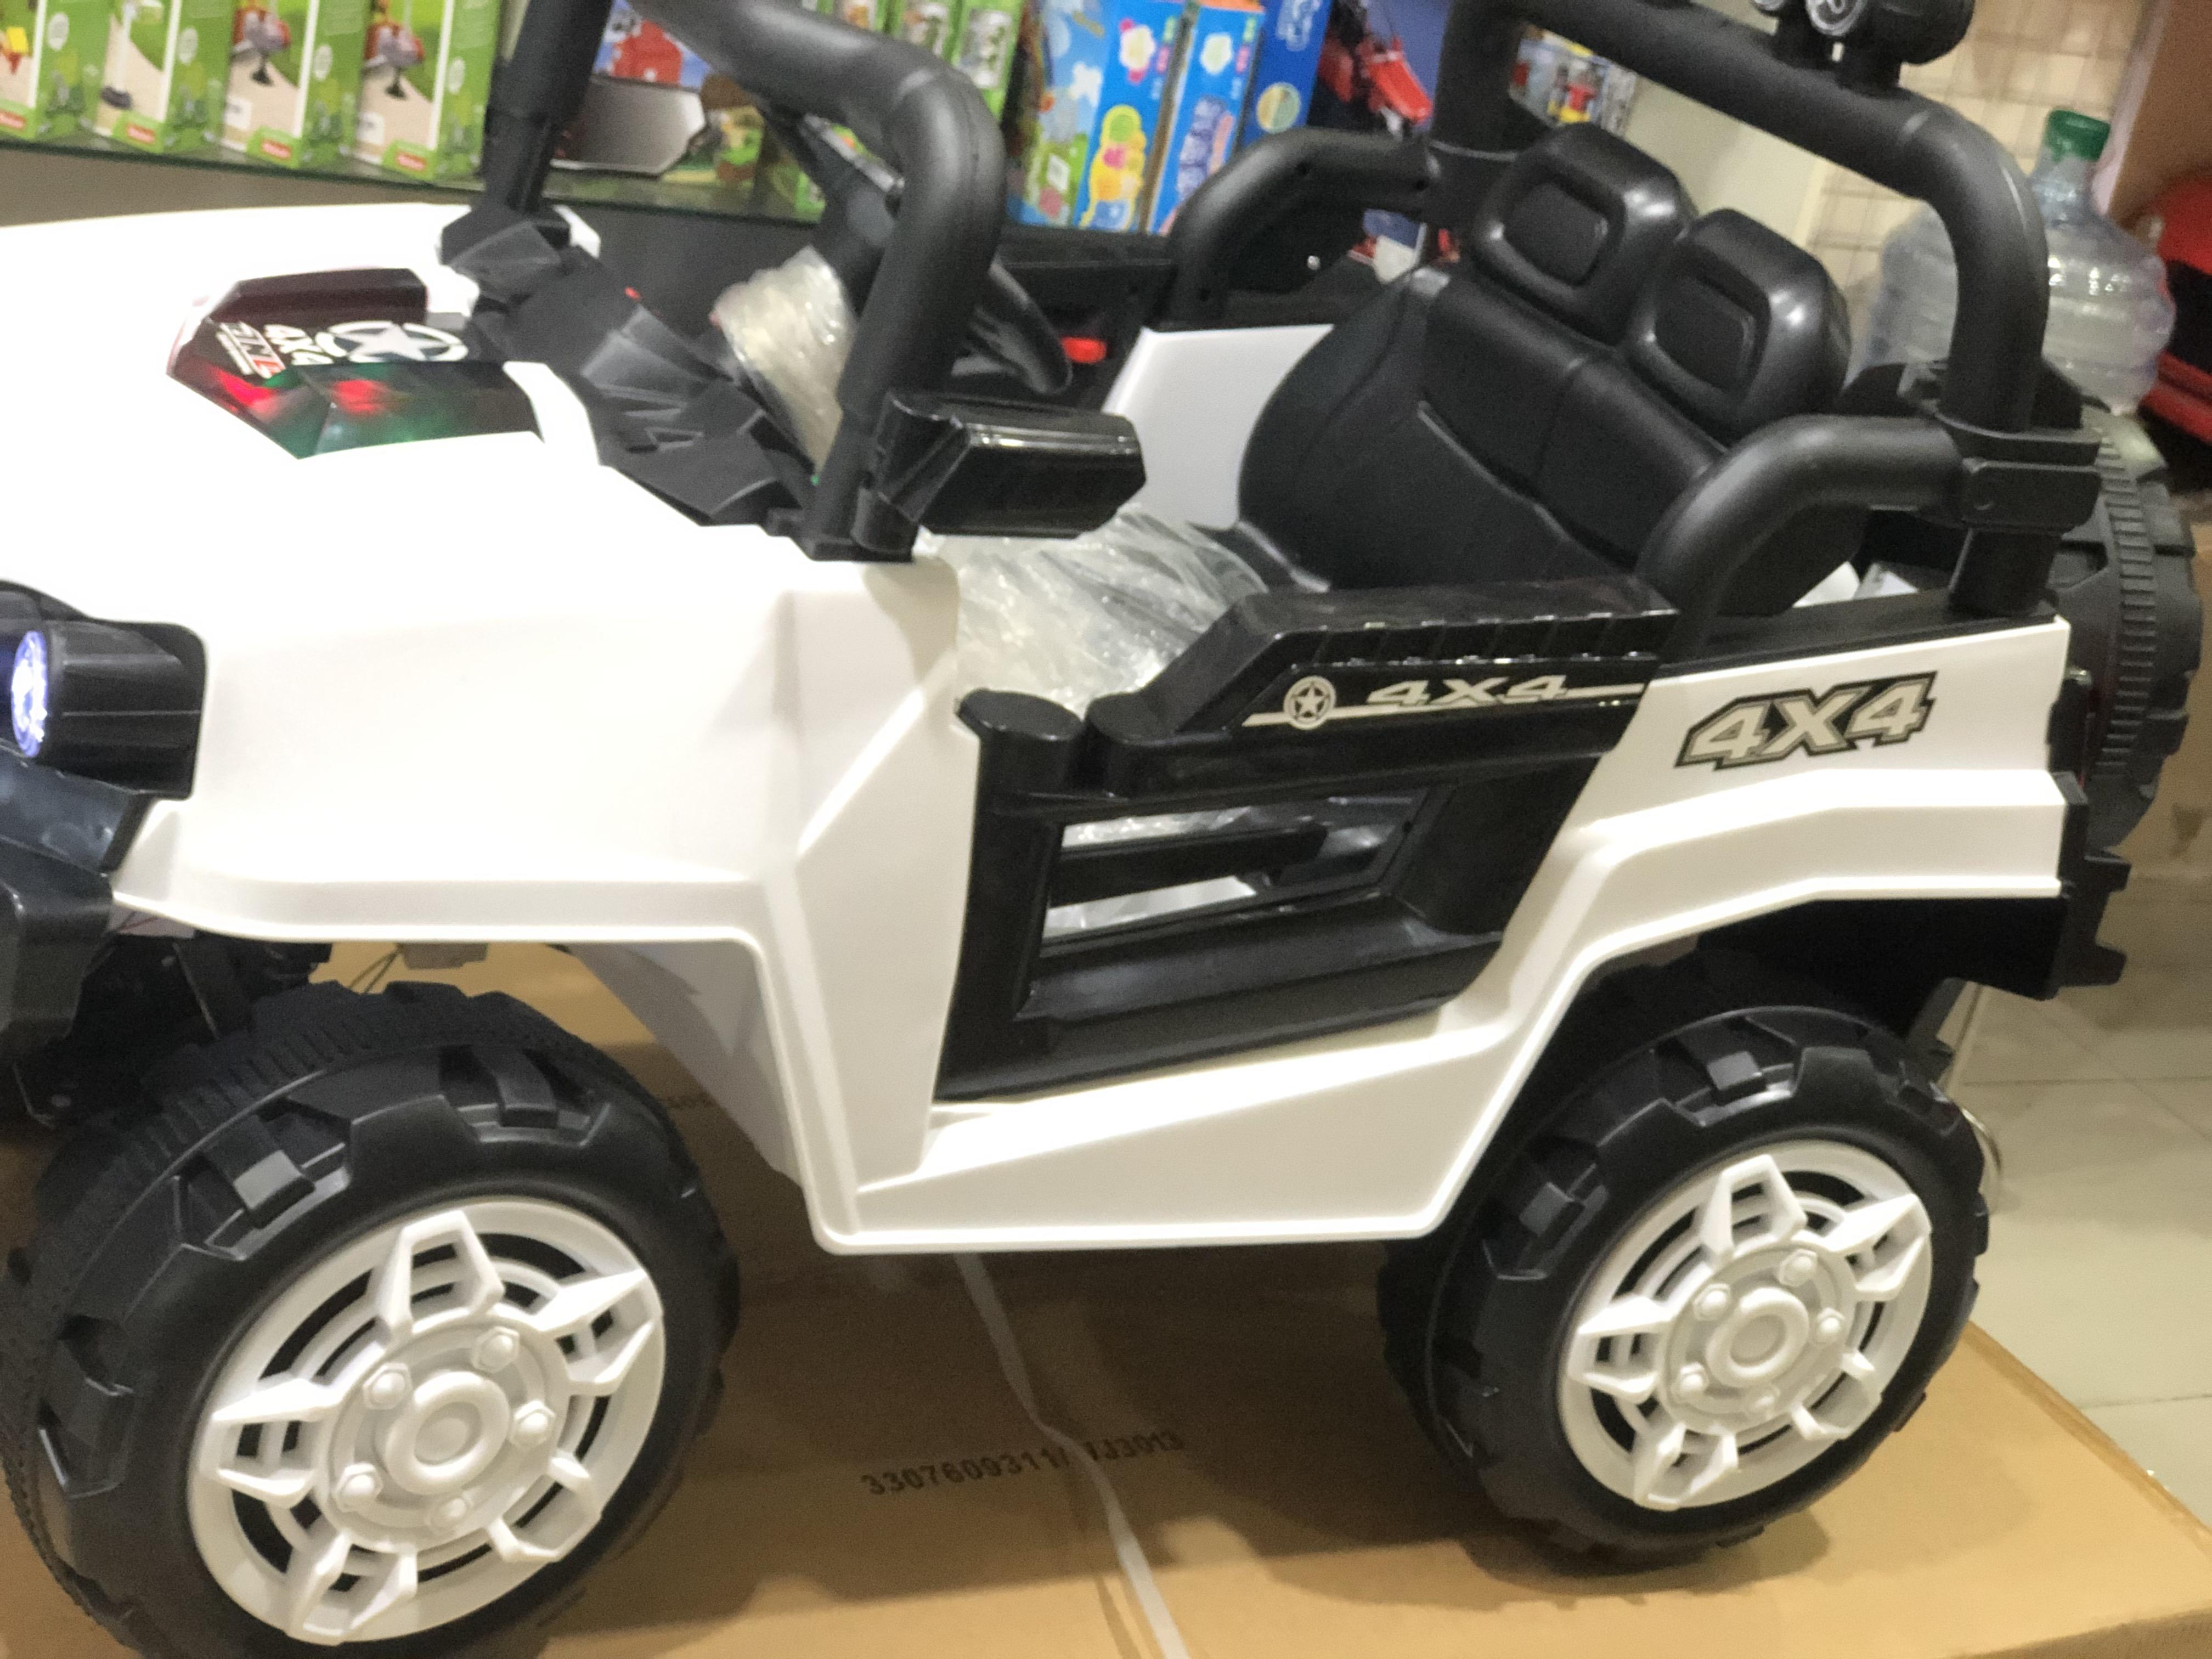 Xe ô tô điện trẻ em này có thiết kế cao ráo, 2 cửa mở ngang giúp bé dễ dàng lên hoặc xuống xe.